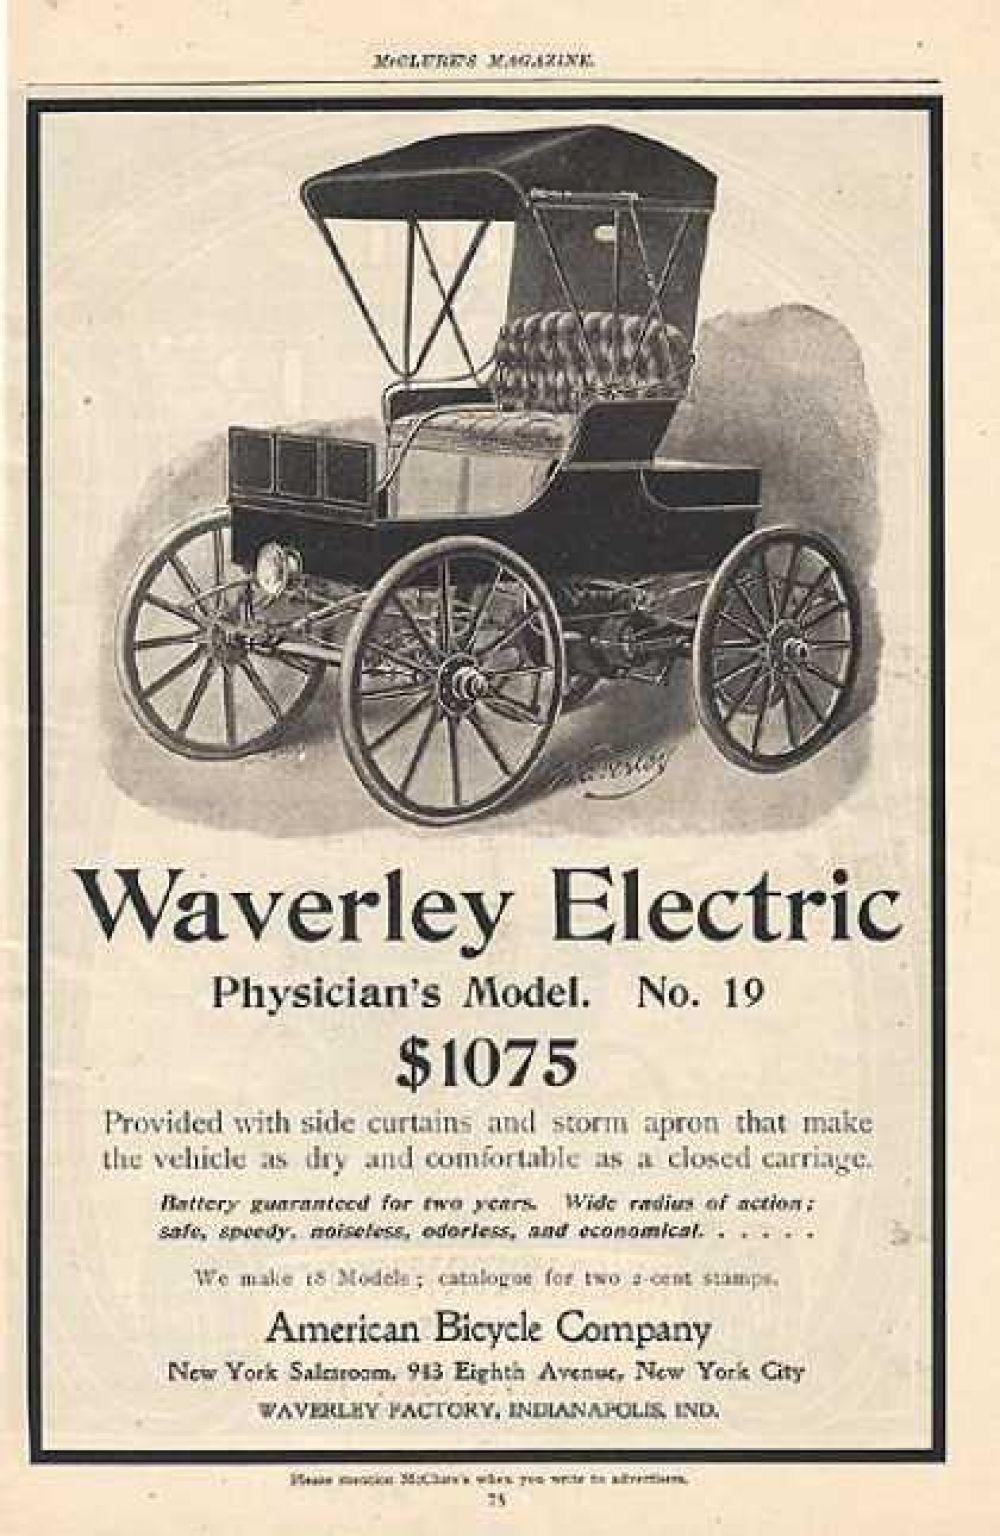 «Благодаря боковым шторам и ливневому тенту в этом автомобиле также сухо и комфортно, как в закрытой карете». Реклама автомобиля Waverly Electric, 1900 год.